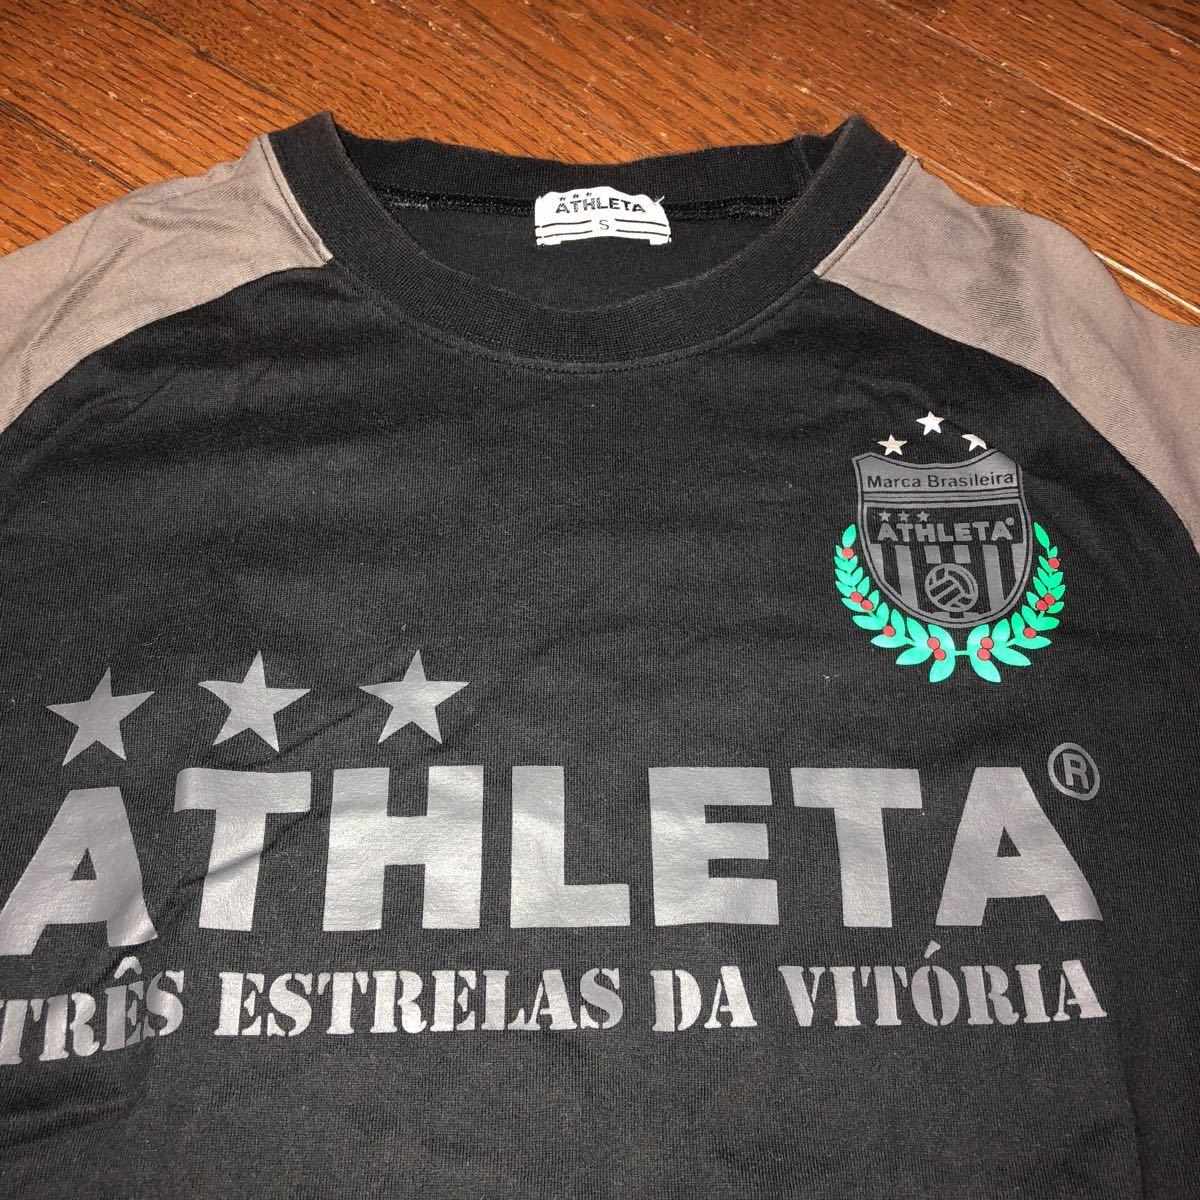 ATHLETA 半袖 Tシャツ S サッカー フットサル アスレタ_画像2